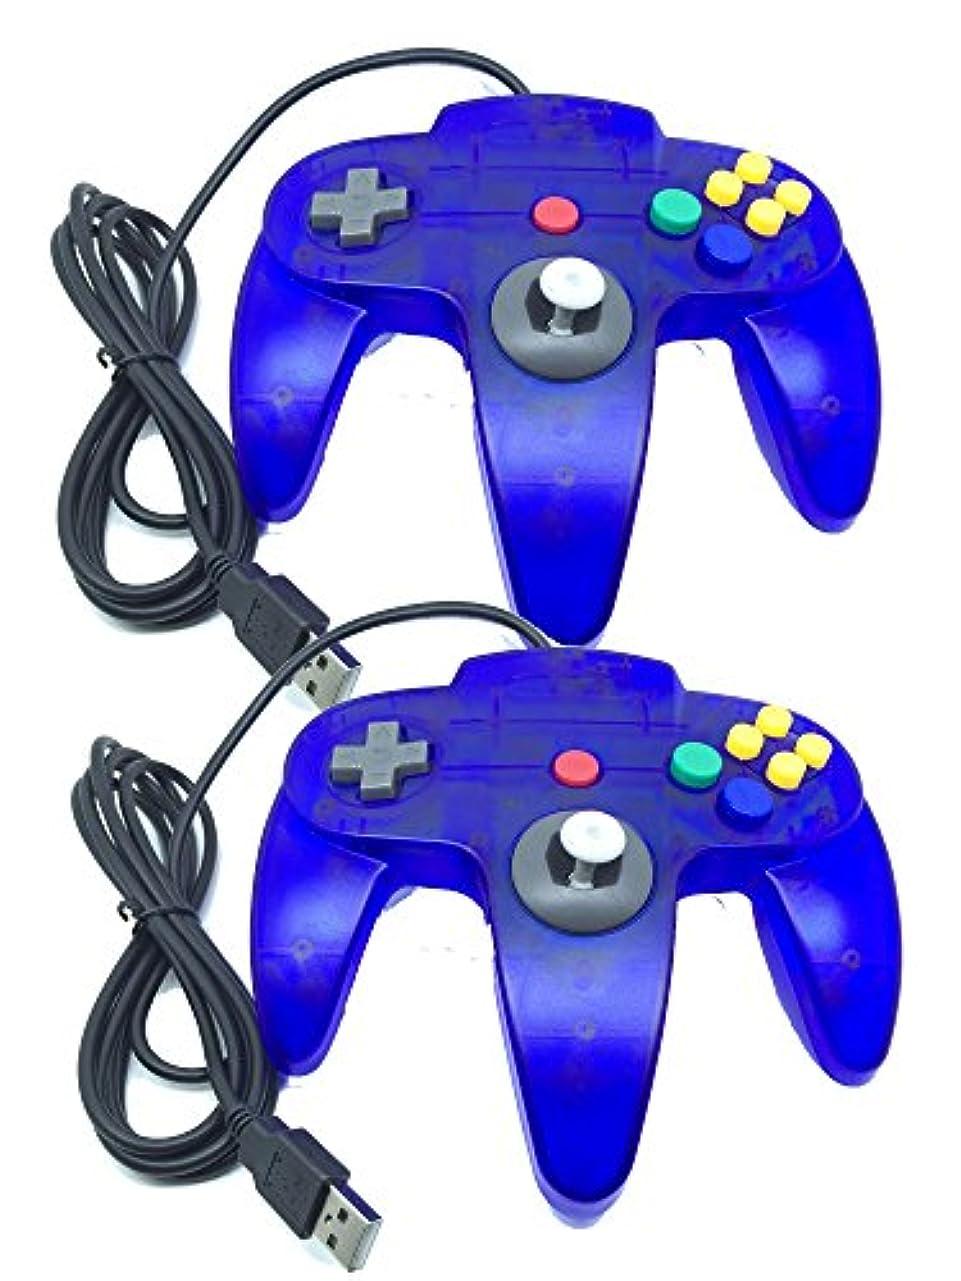 封筒解体する居心地の良いBowink 有線USB N64コントローラー ゲームパッドPC で使用可能に(ブルー + ブルー)